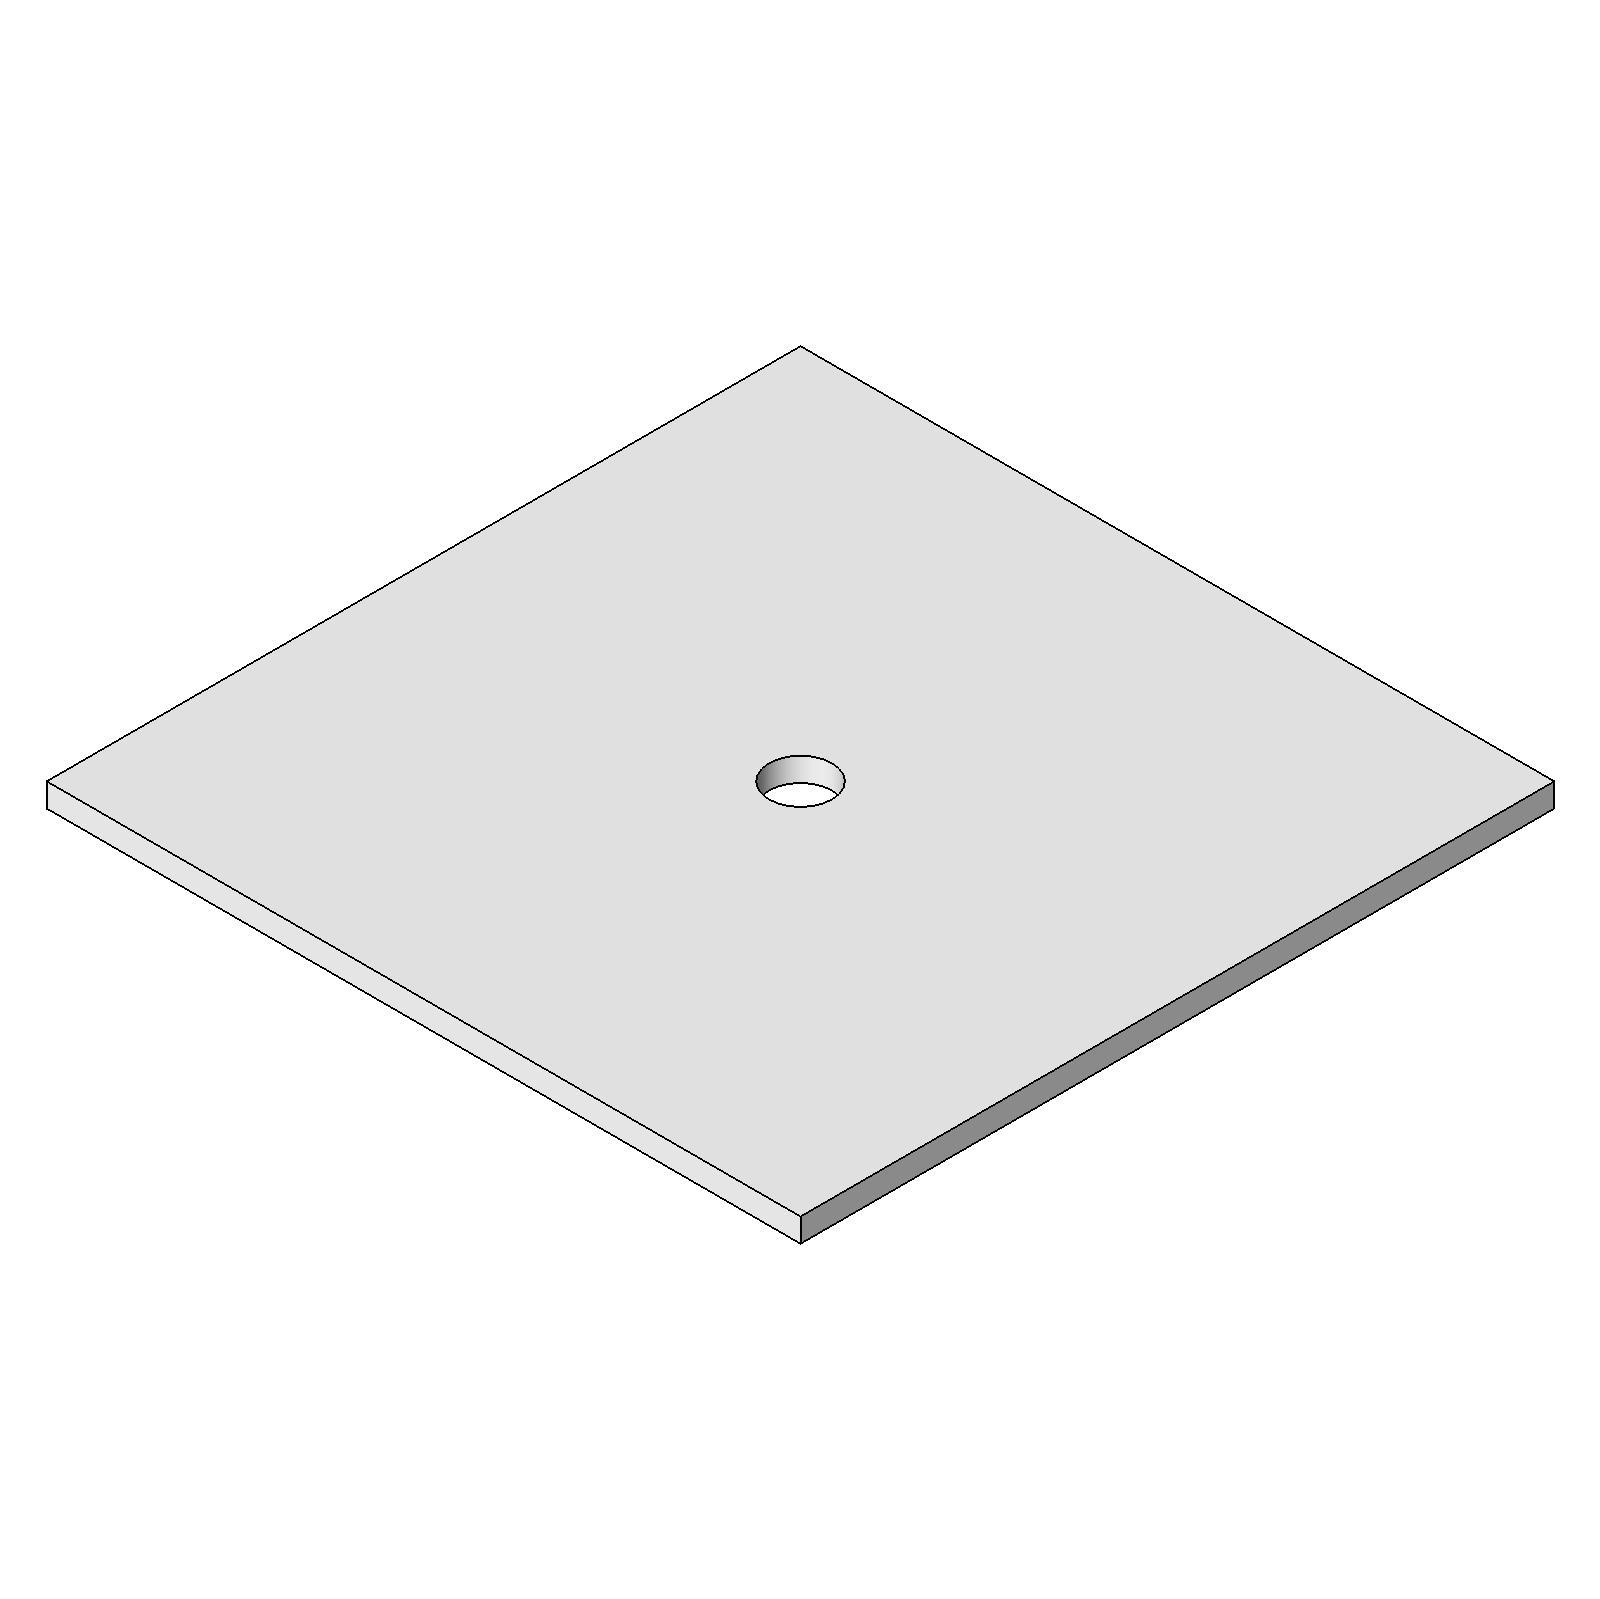 [ 09 30 50 ] Tile And Tile Setting Materials: Shower Tray Base: KERDI  SHOWER ST